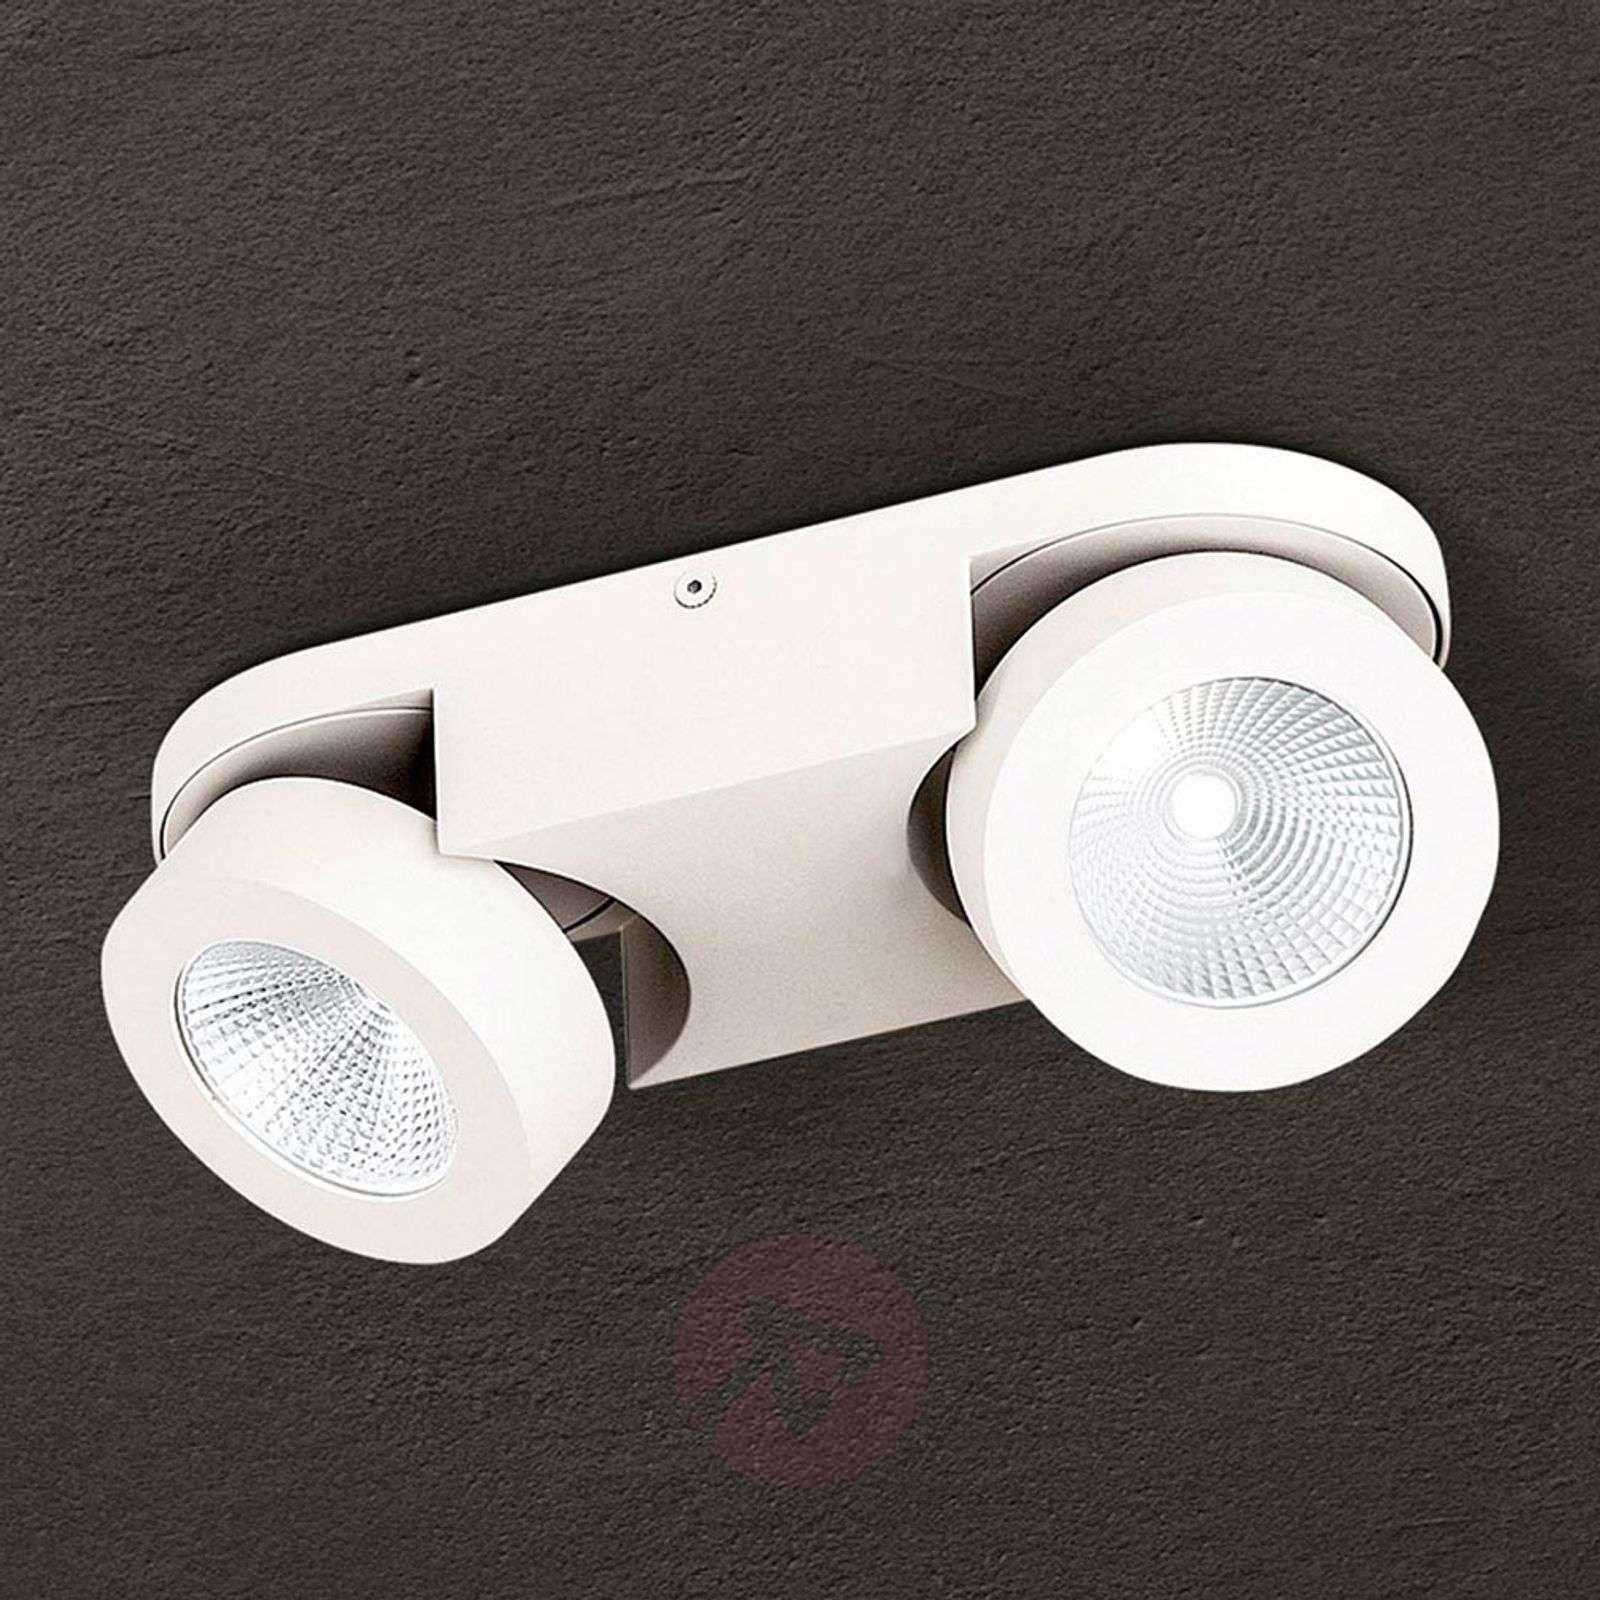 Himmennettävä LED-kattospotti Meno, 2-lamppuinen-7255362-01